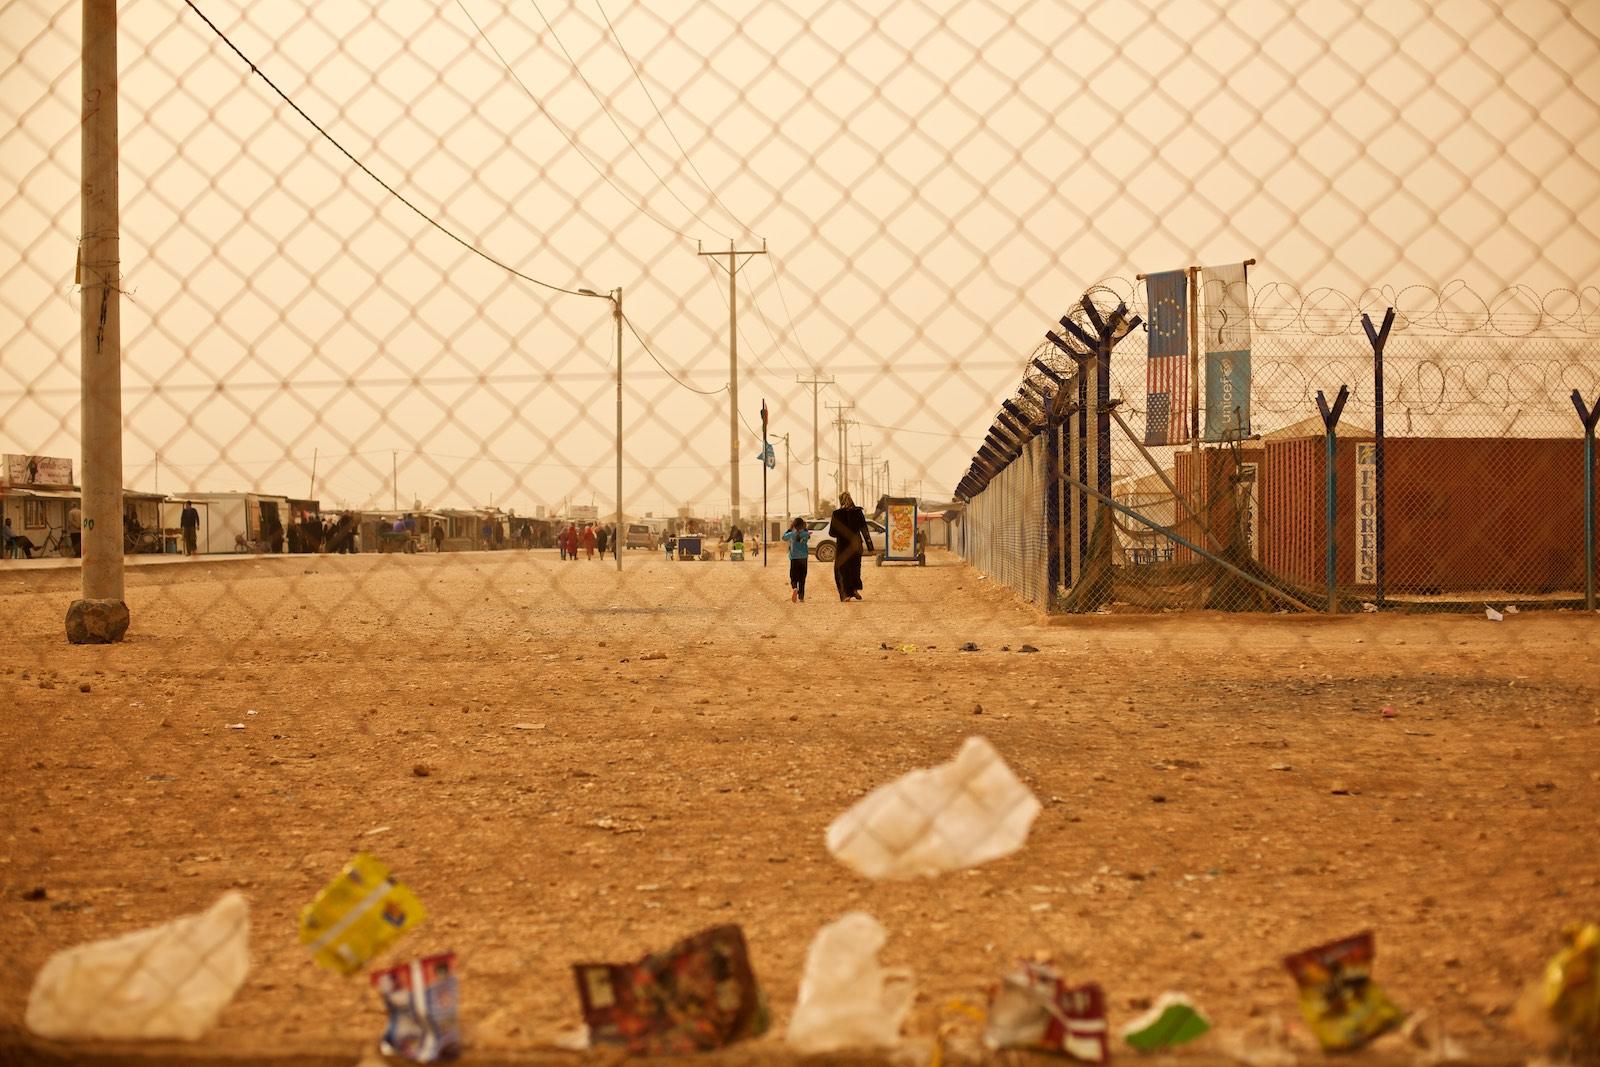 Ohradený je tábor, ohradené su budovy v tábore.Za ohradami a múrmi sú aj ľudia z medzinárodnej komunity, ktorí utečencom pomáhajú.(photo: Denis Bosnič)